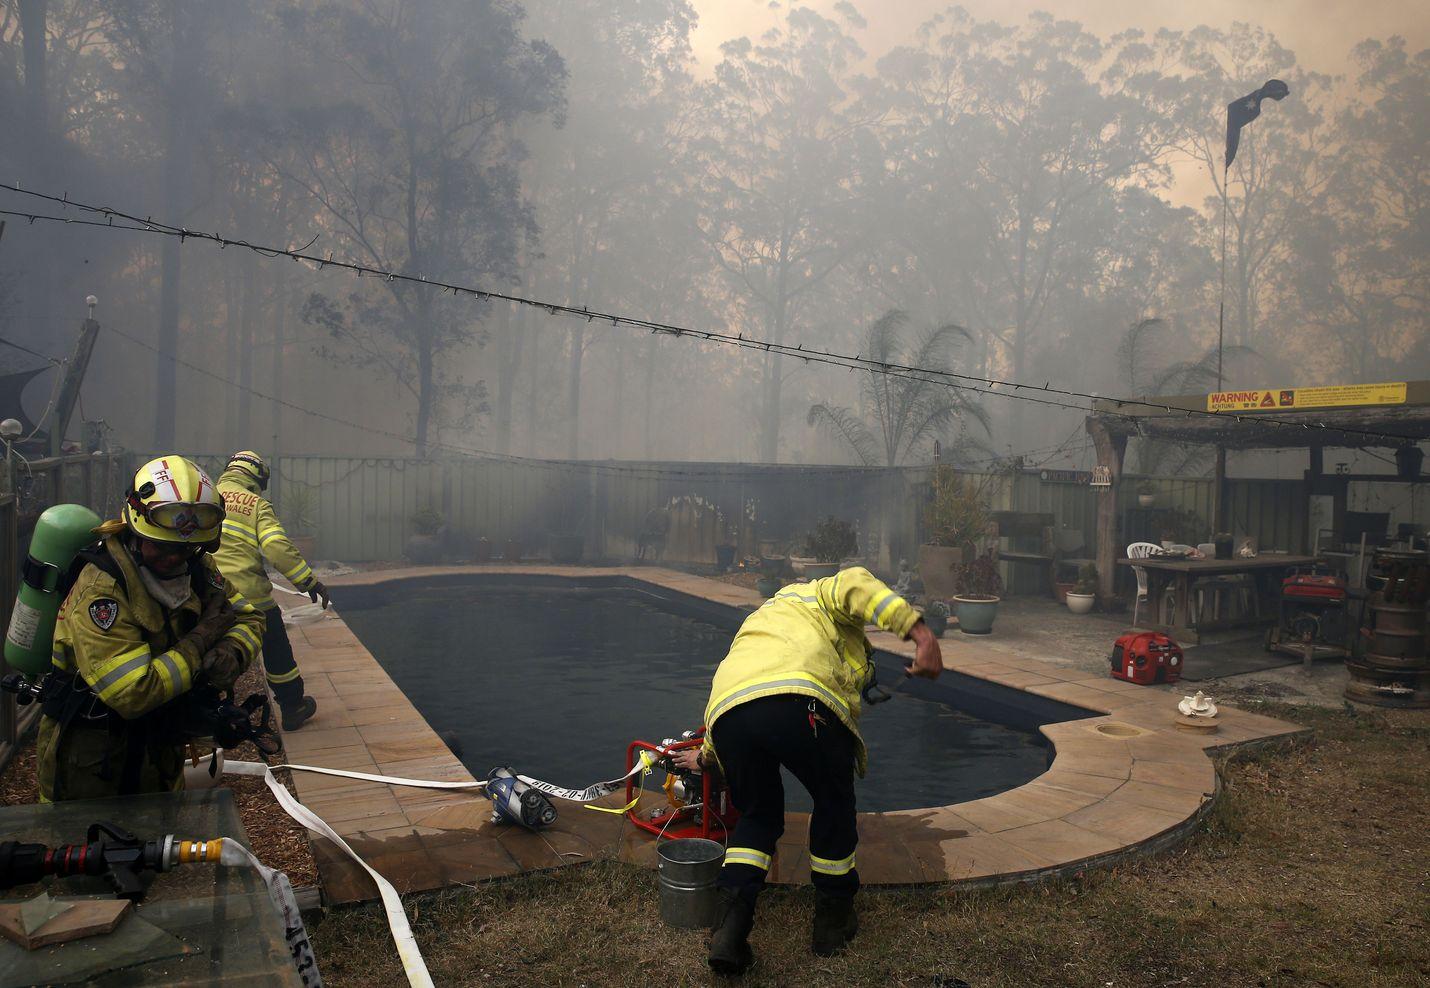 Palomiehet pumppasivat vettä uima-altaasta pelastaakseen talon New South Walesin Possum Brushissa. Alueen asukkaita kehotettiin evakuoitumaan välittömästi.